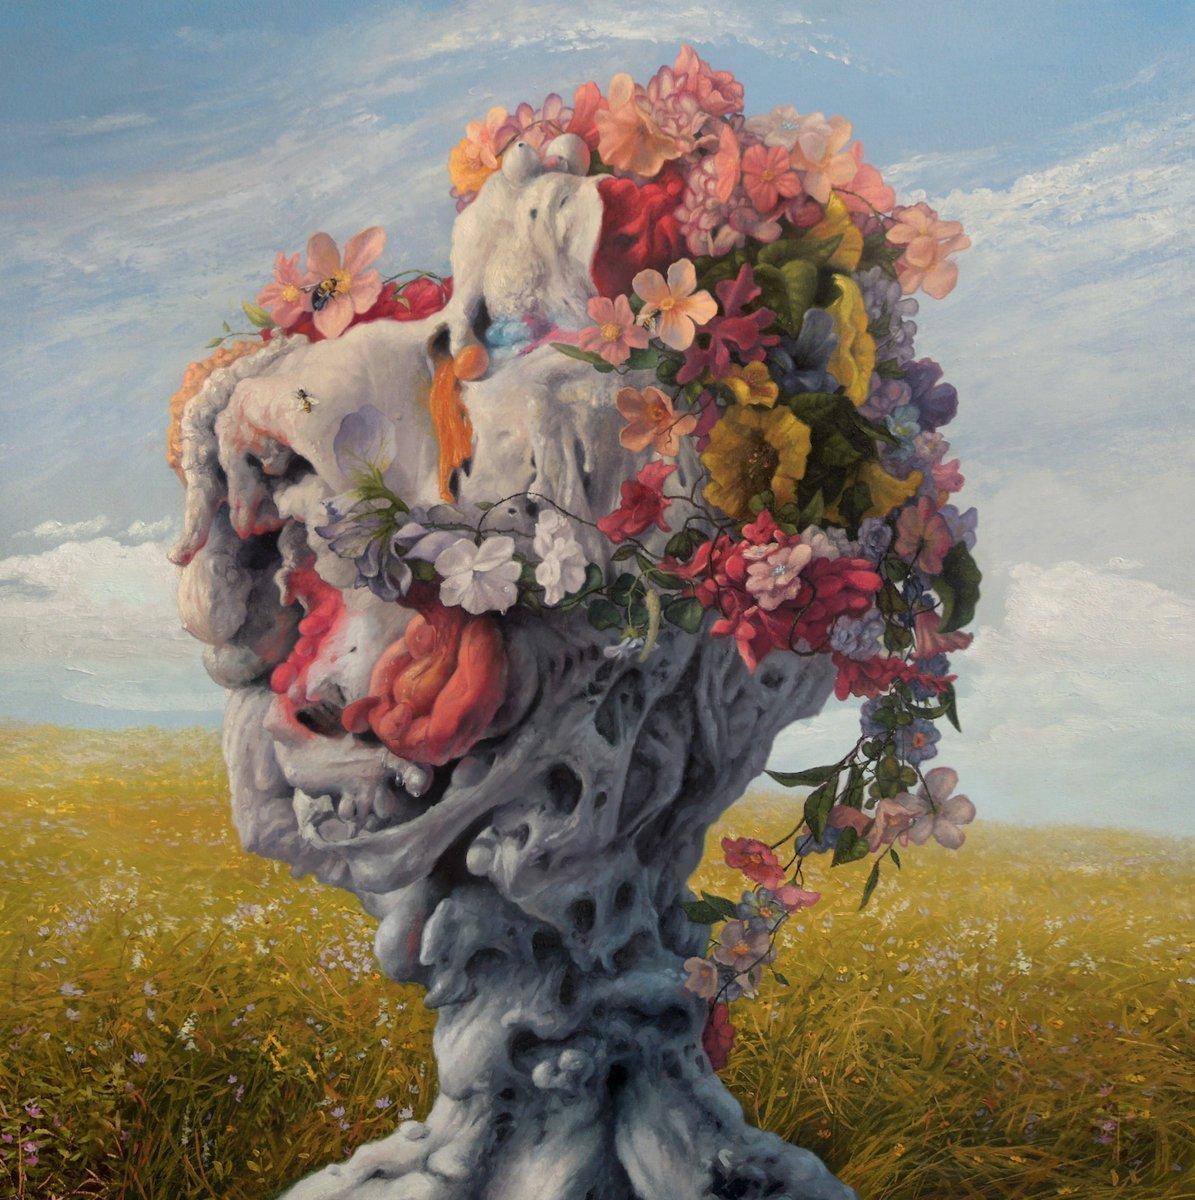 Wilderun – Veil of Imagination